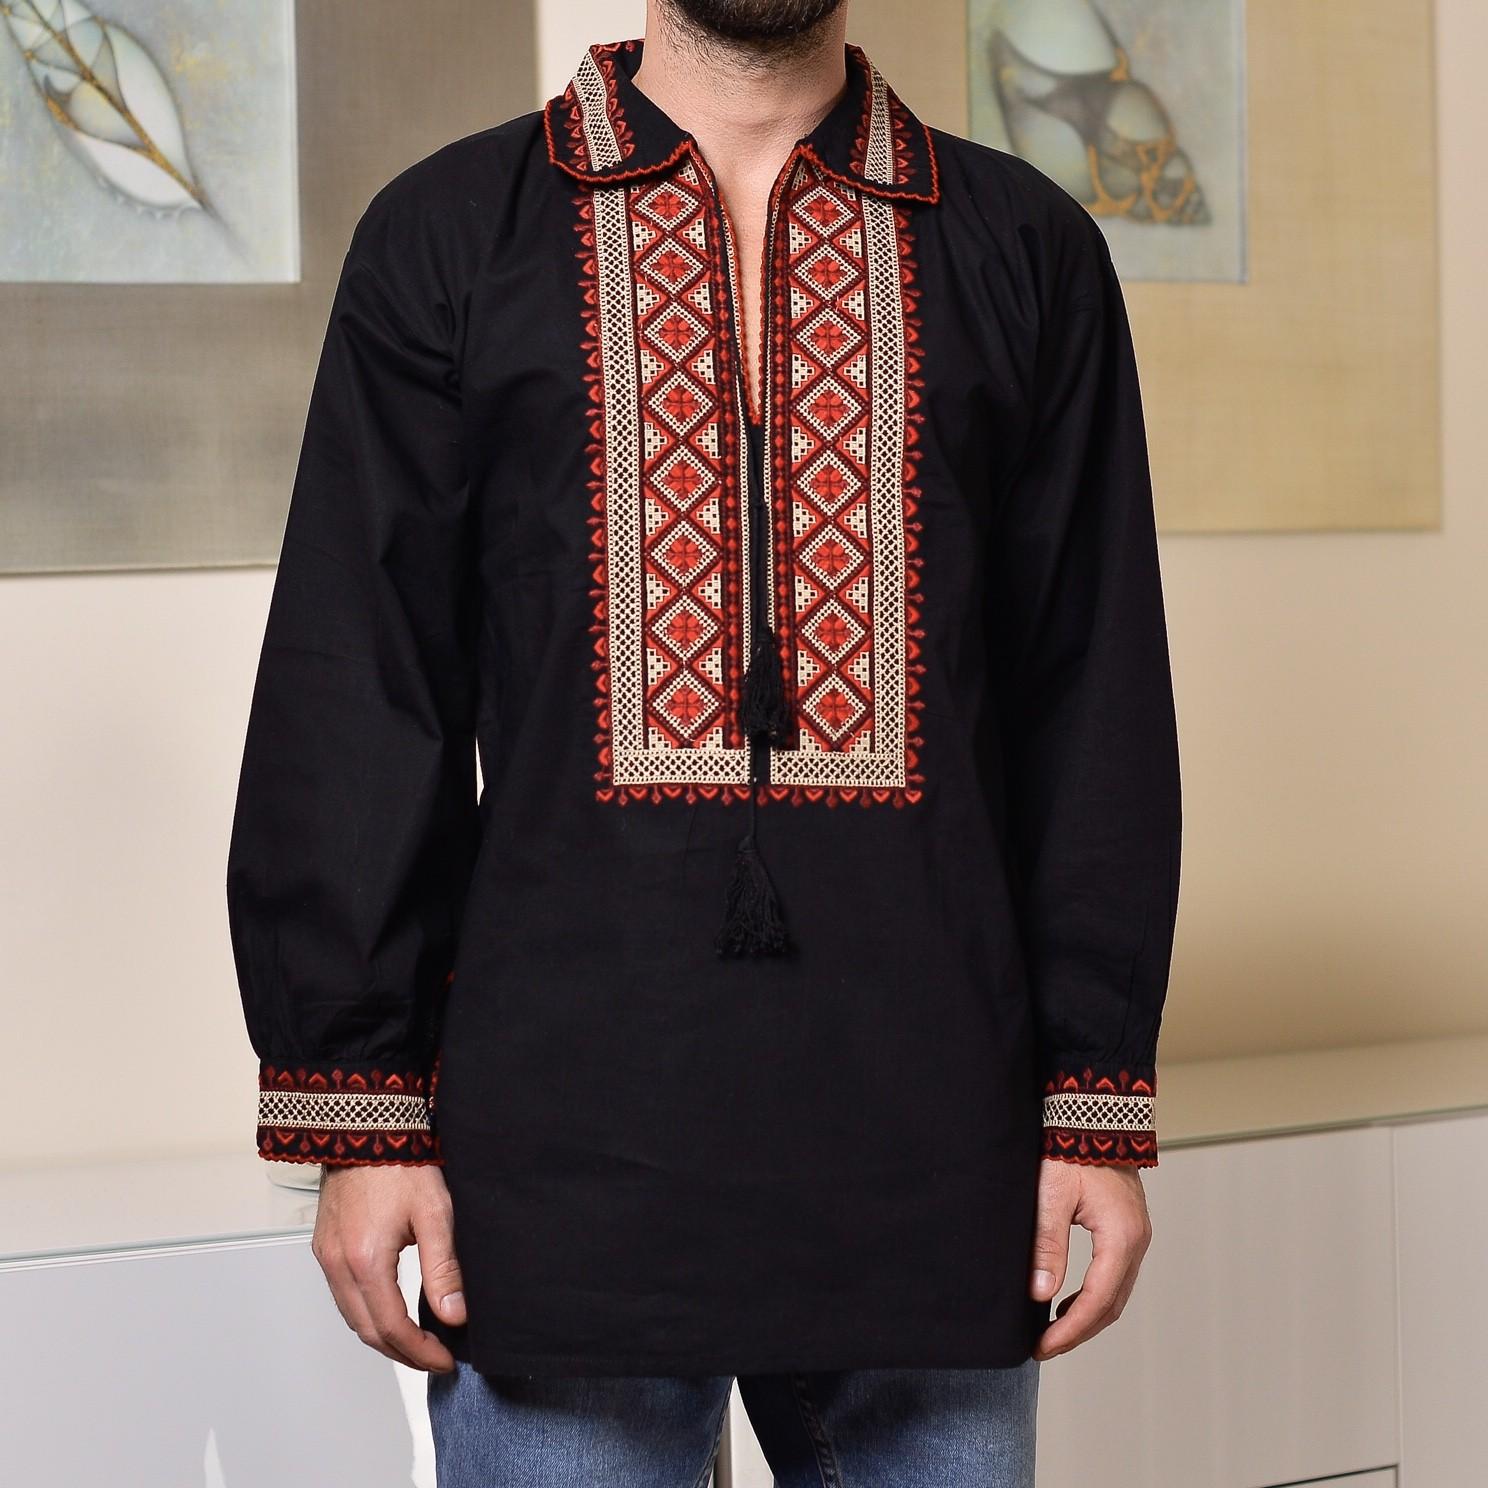 Camasa Traditionala barbateasca - Matei